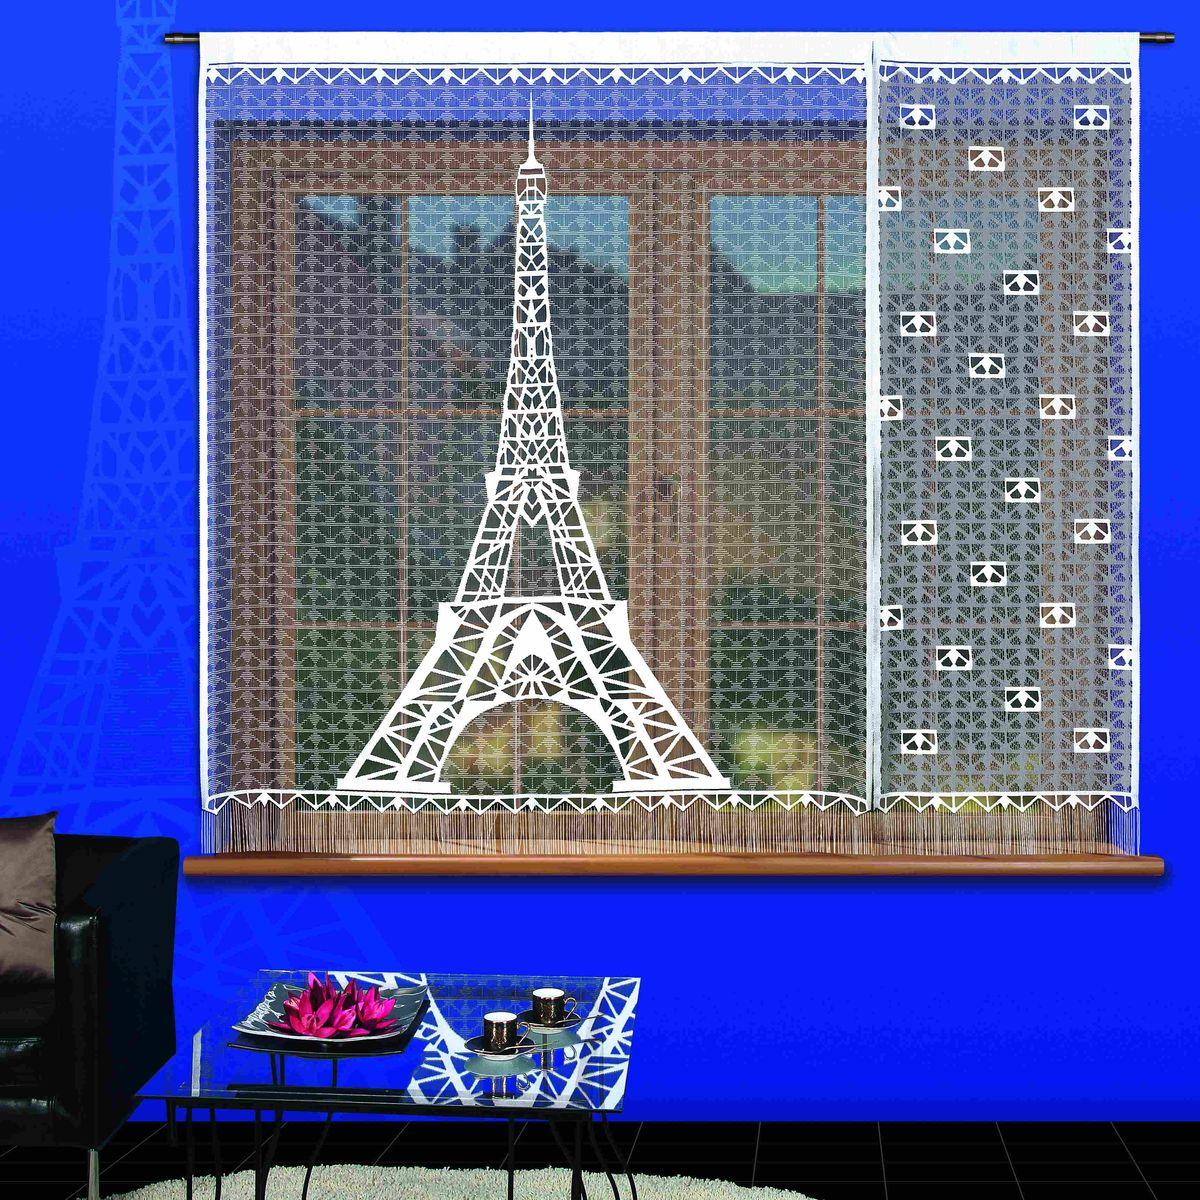 Гардина-панно Wisan Paryz, цвет: белый, черный, высота 180 см, 2 шт3353Воздушная гардина-панно Wisan Paryz, изготовленная из полиэстера, станет великолепным украшением любого окна. Изделие состоит из двух частей. Оригинальный принт в виде Эйфелевой башни и приятная цветовая гамма привлекут к себе внимание и органично впишутся в интерьер комнаты. Снизу гардина оформлена бахромой. Верхняя часть гардины не оснащена креплениями. Размер частей панно: 150 см х 180 см, 60 см х 180 см.